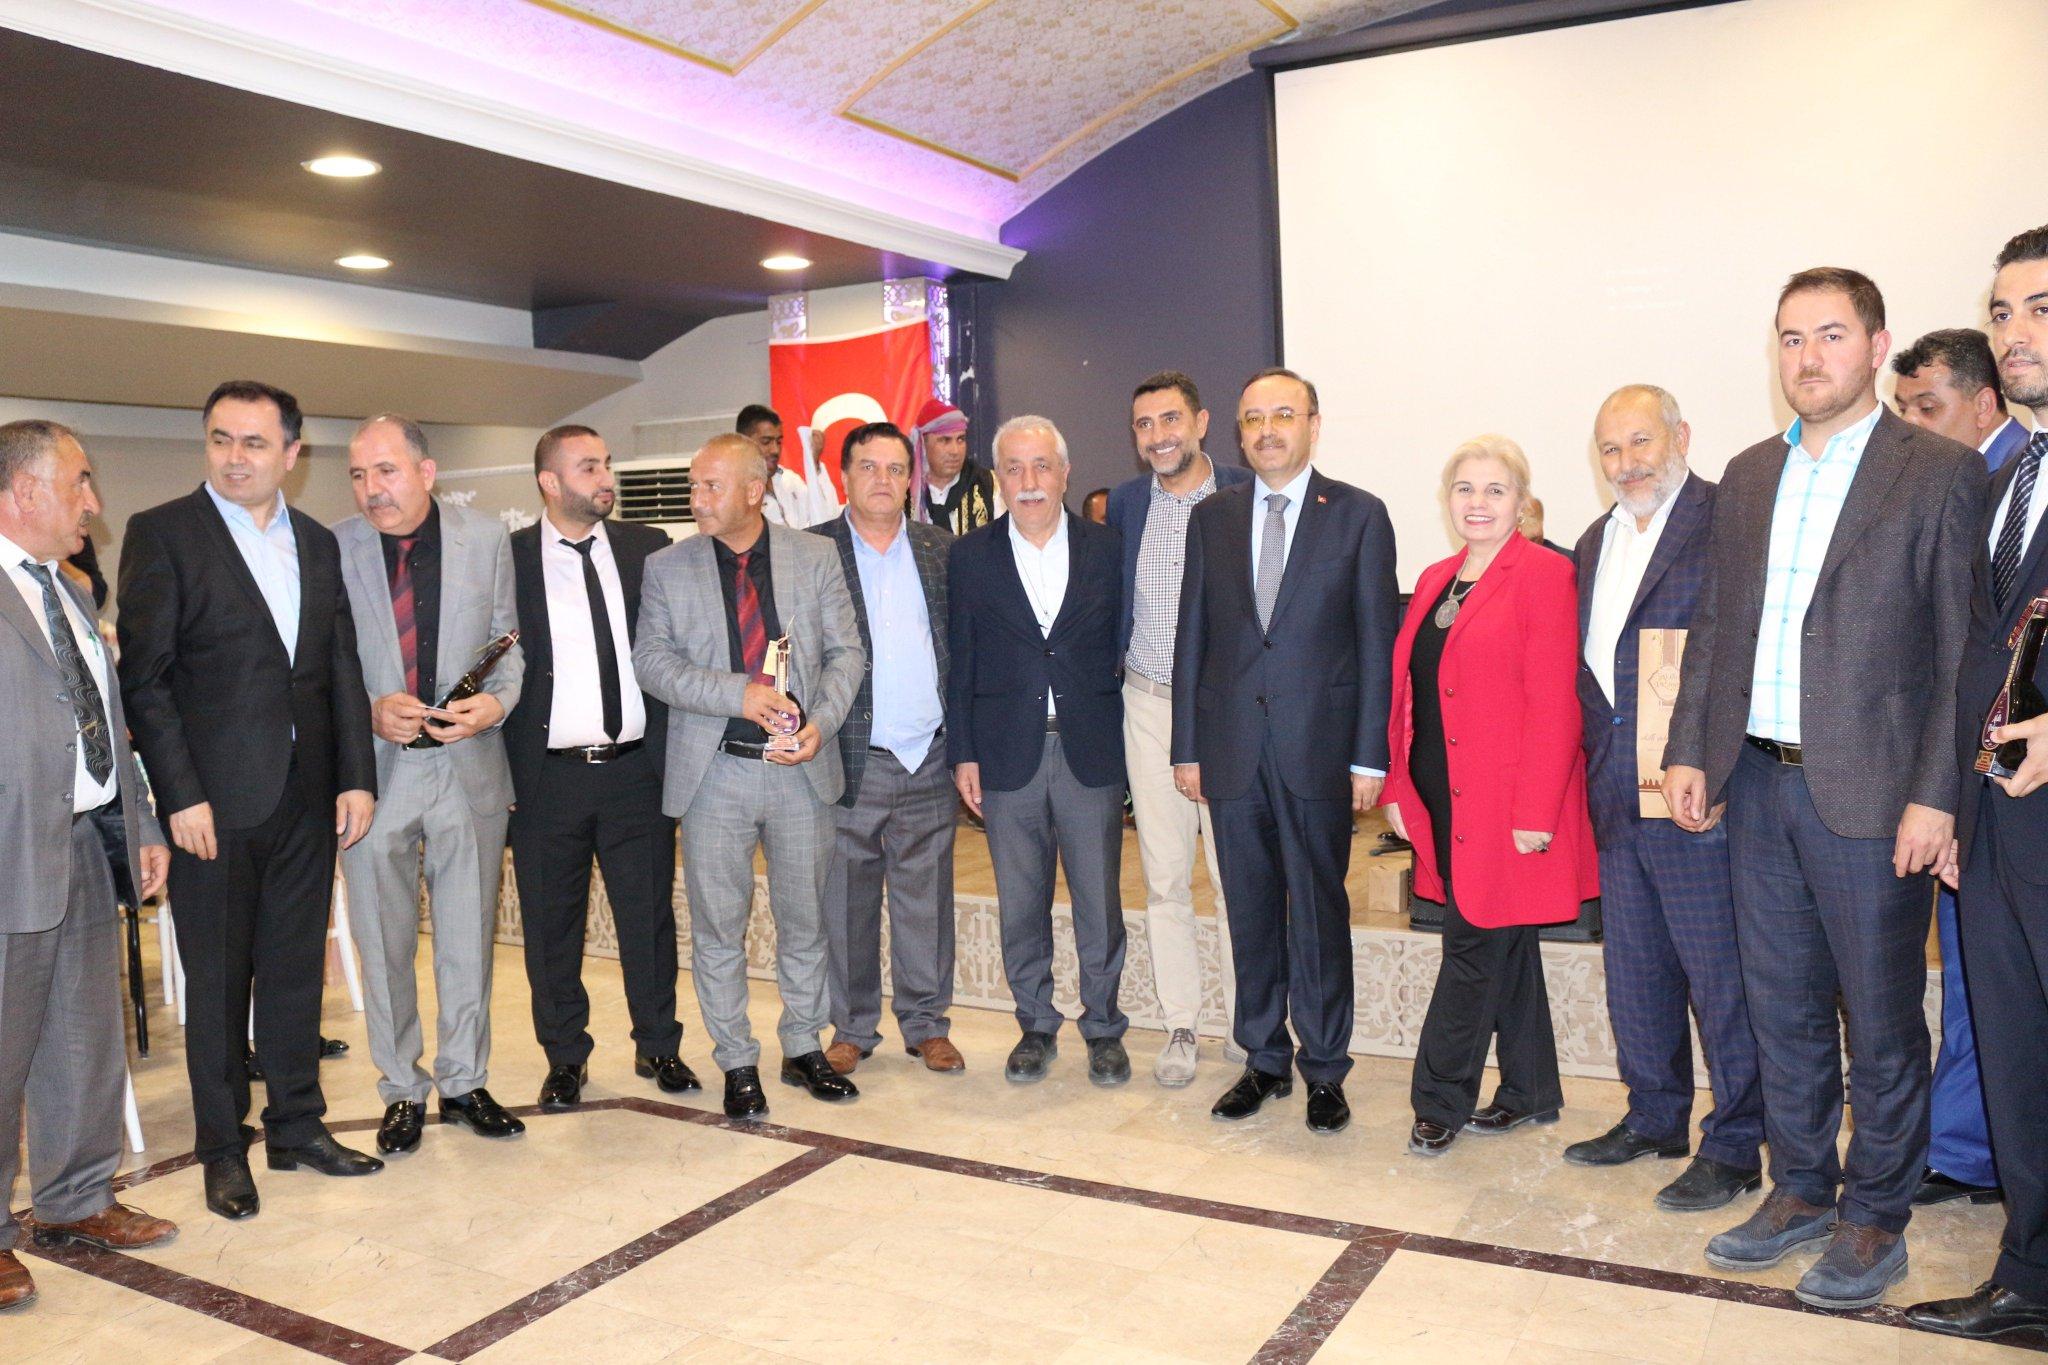 Kırşehirlilerden birlik buluşması https://t.co/WhGm189TDa https://t.co/kPYOw18FyJ